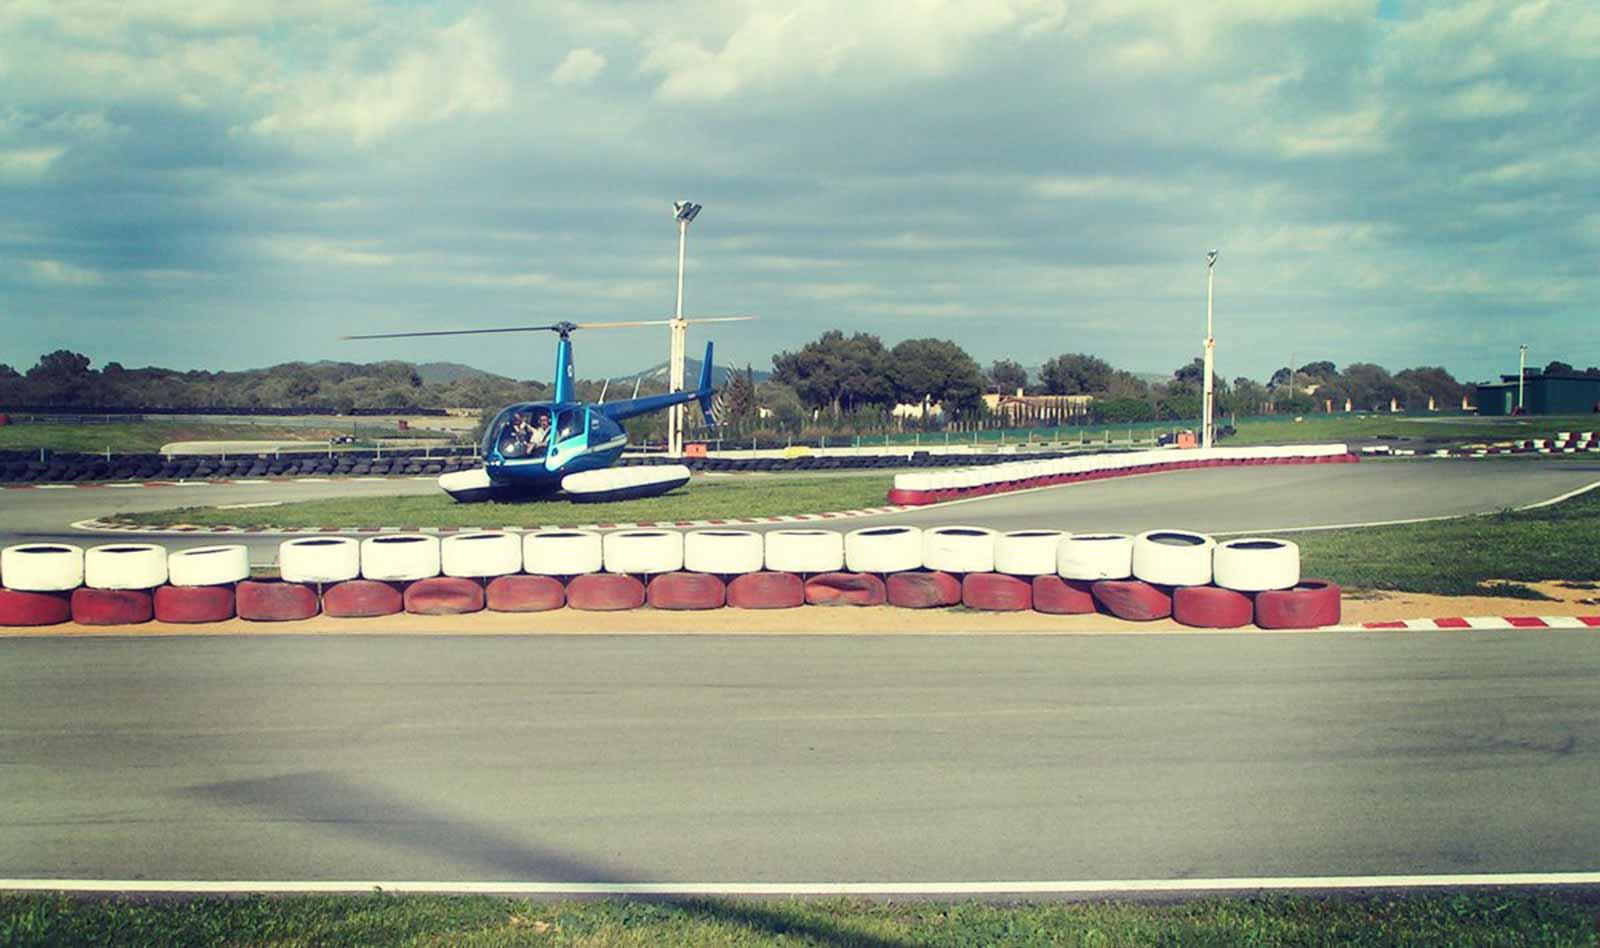 Helikopter-Mallorca-Helikopter-Rundflug-Mallorca-7